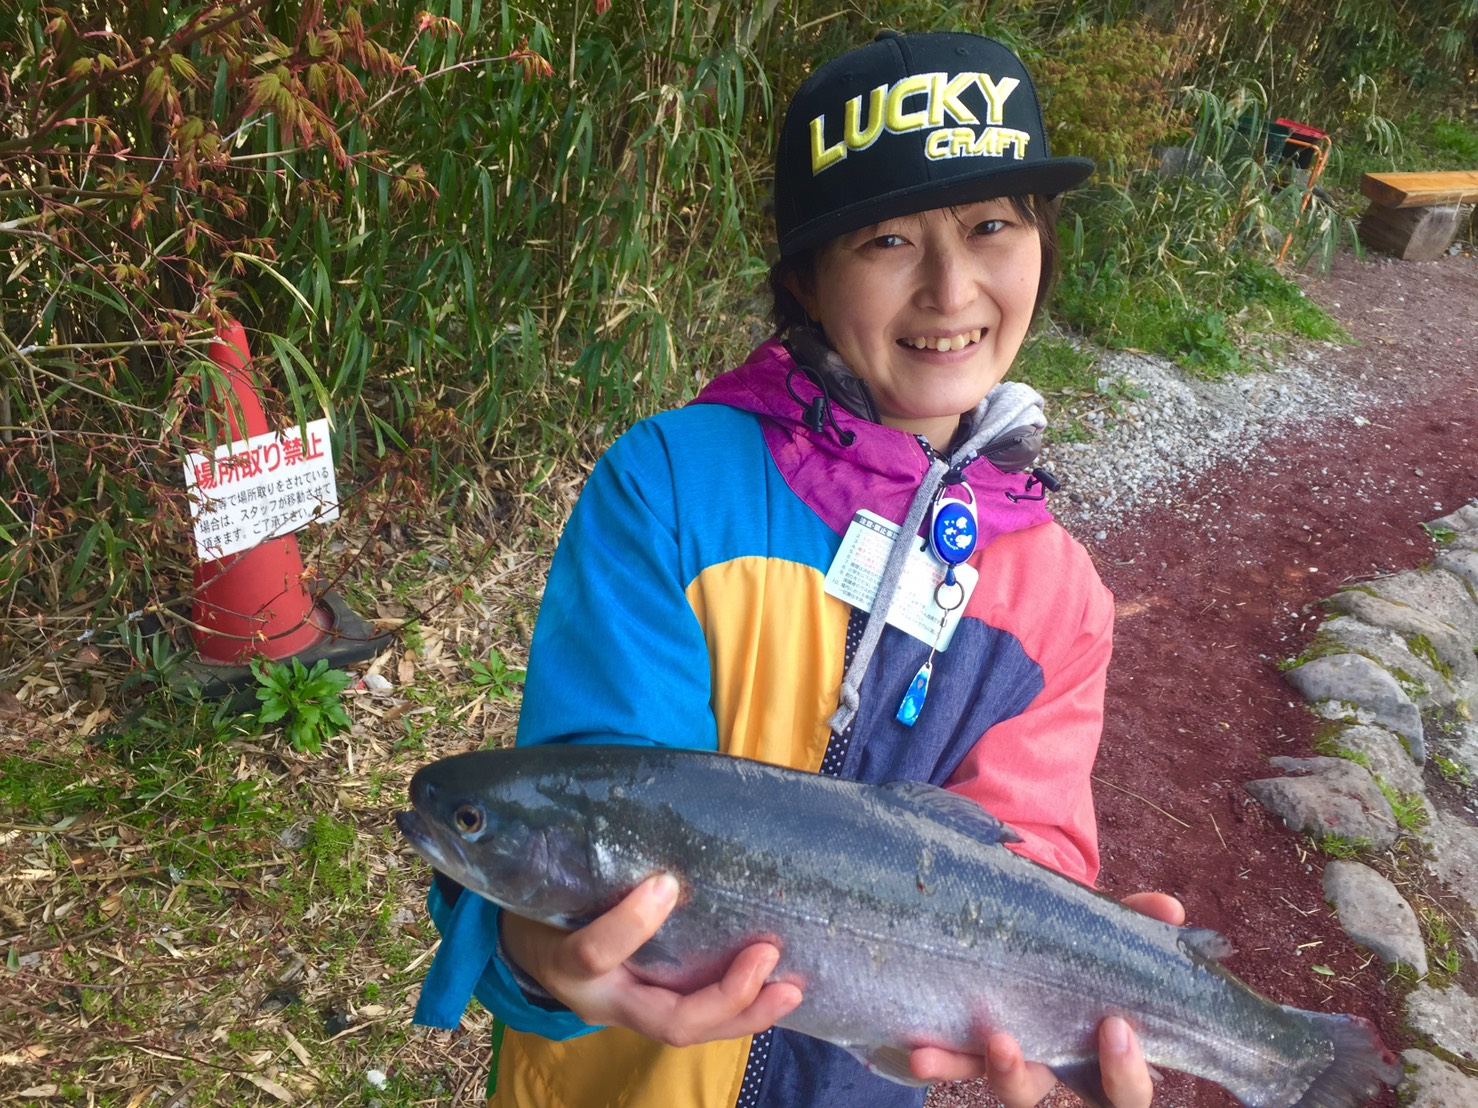 ミディアムクラピーでヒットした魚を持つ女性